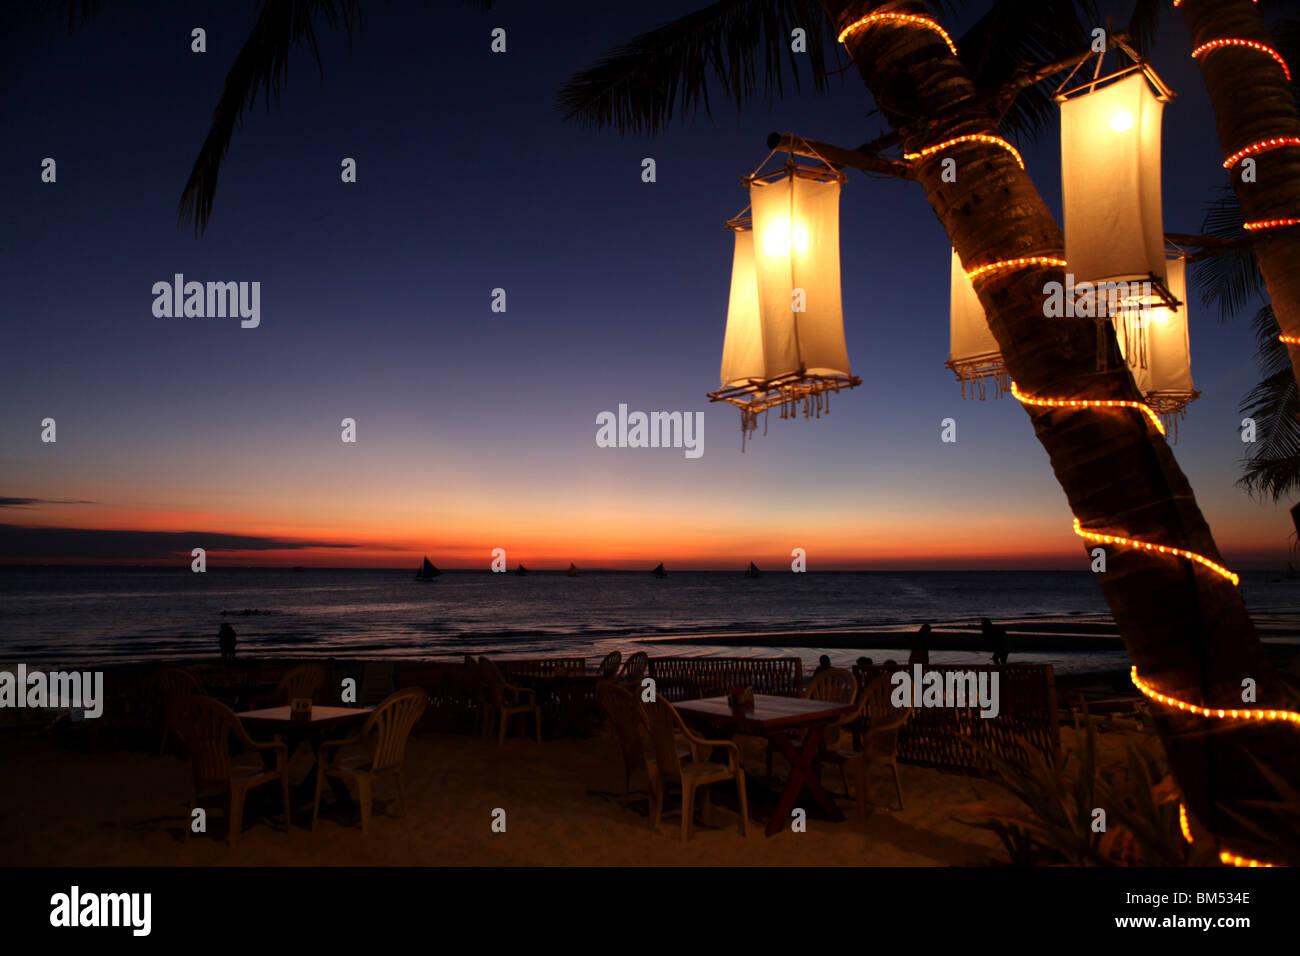 Atardecer en la Playa Blanca, Boracay, el destino turístico más famoso en Filipinas. Imagen De Stock